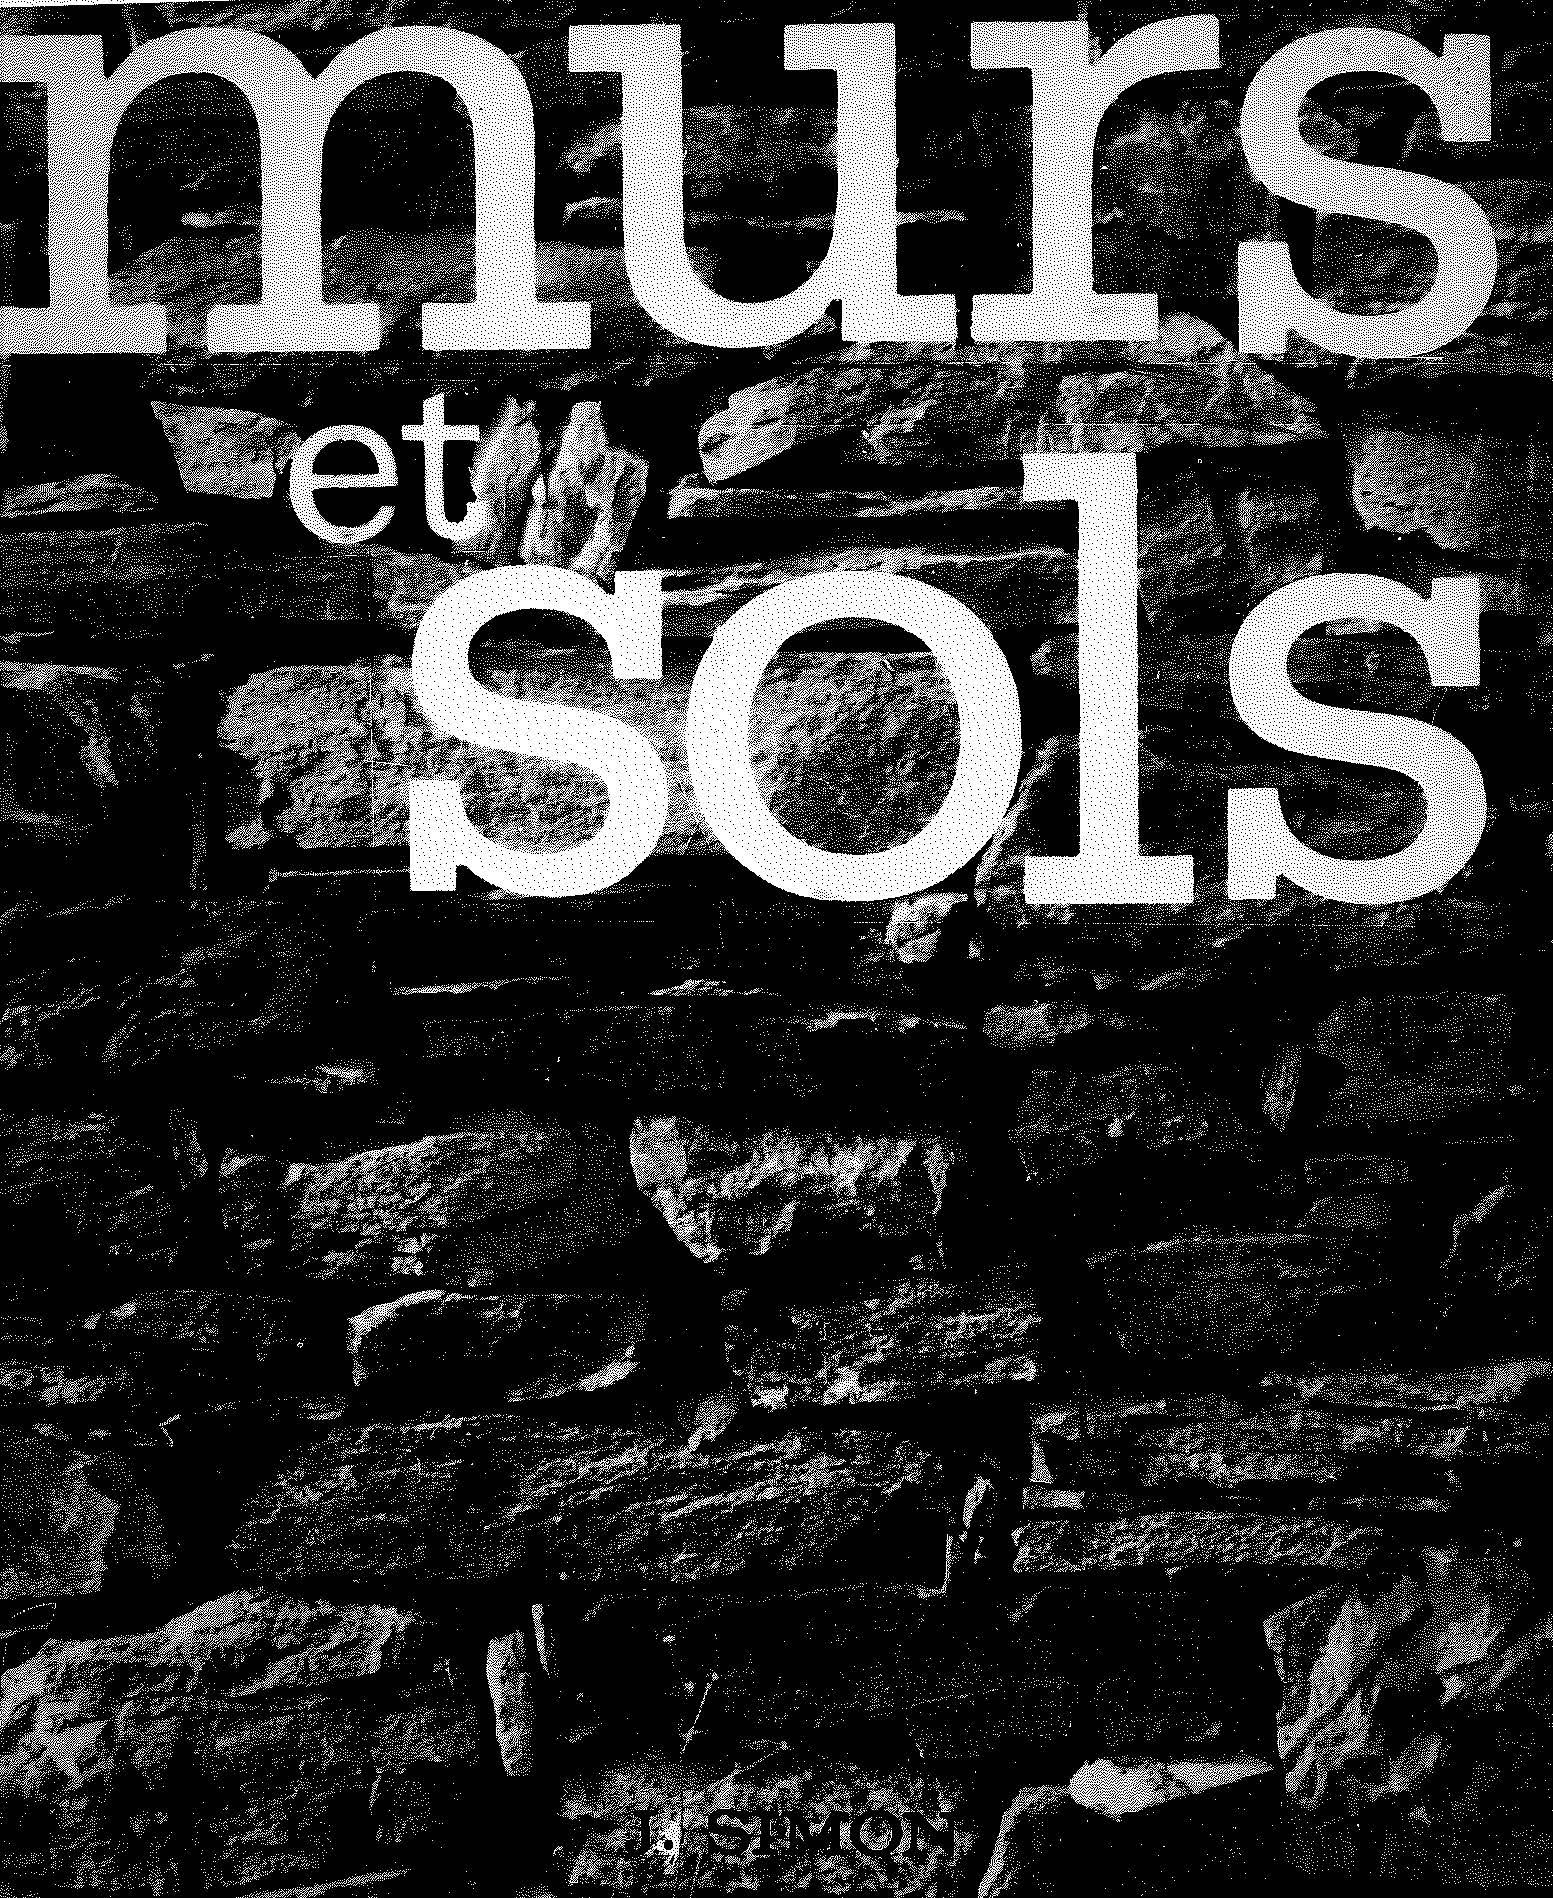 Murs et sols